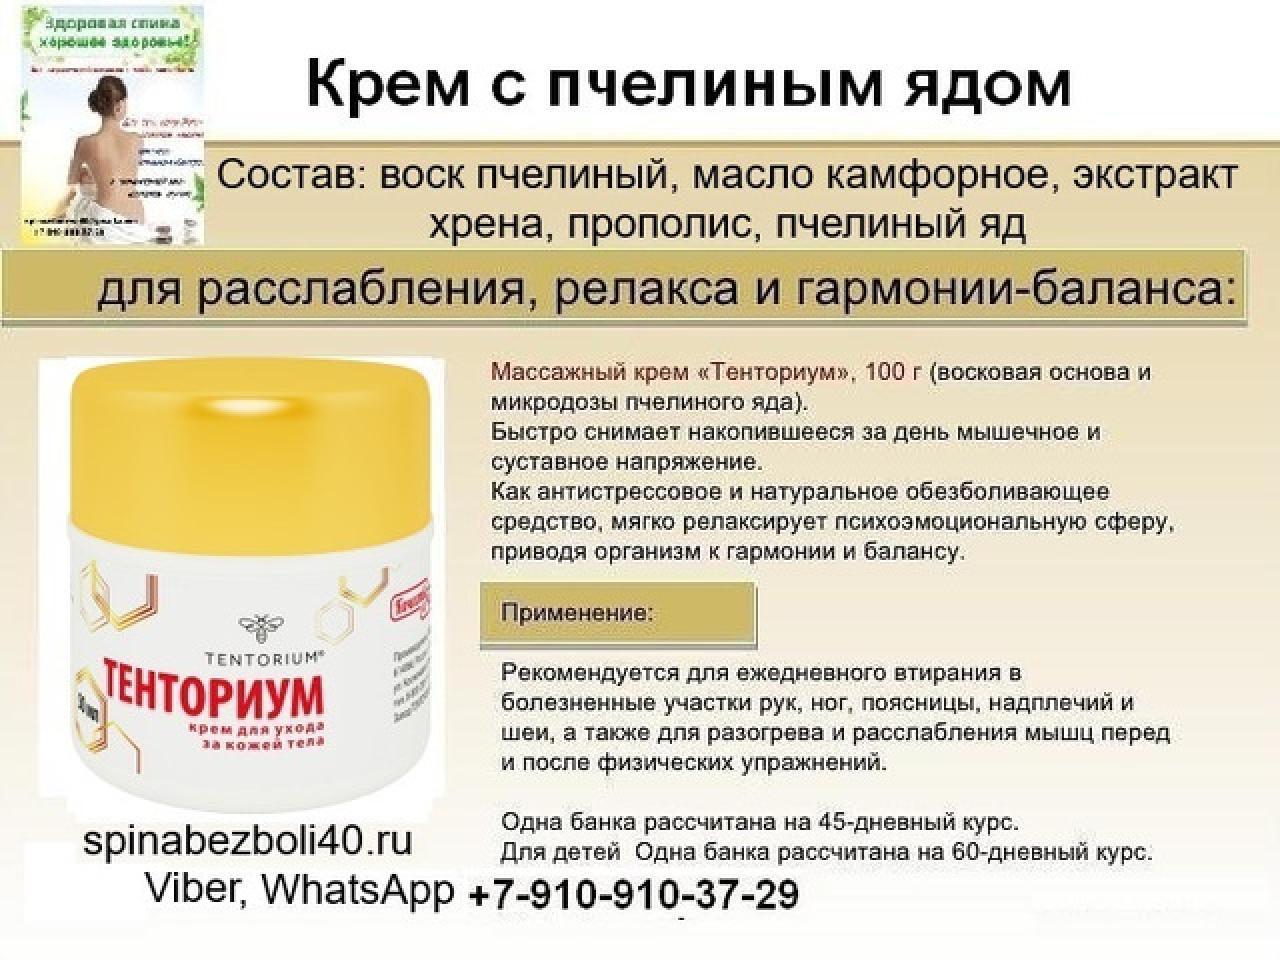 Крем с пчелиным ядом продаю в Англии и Европе - 3